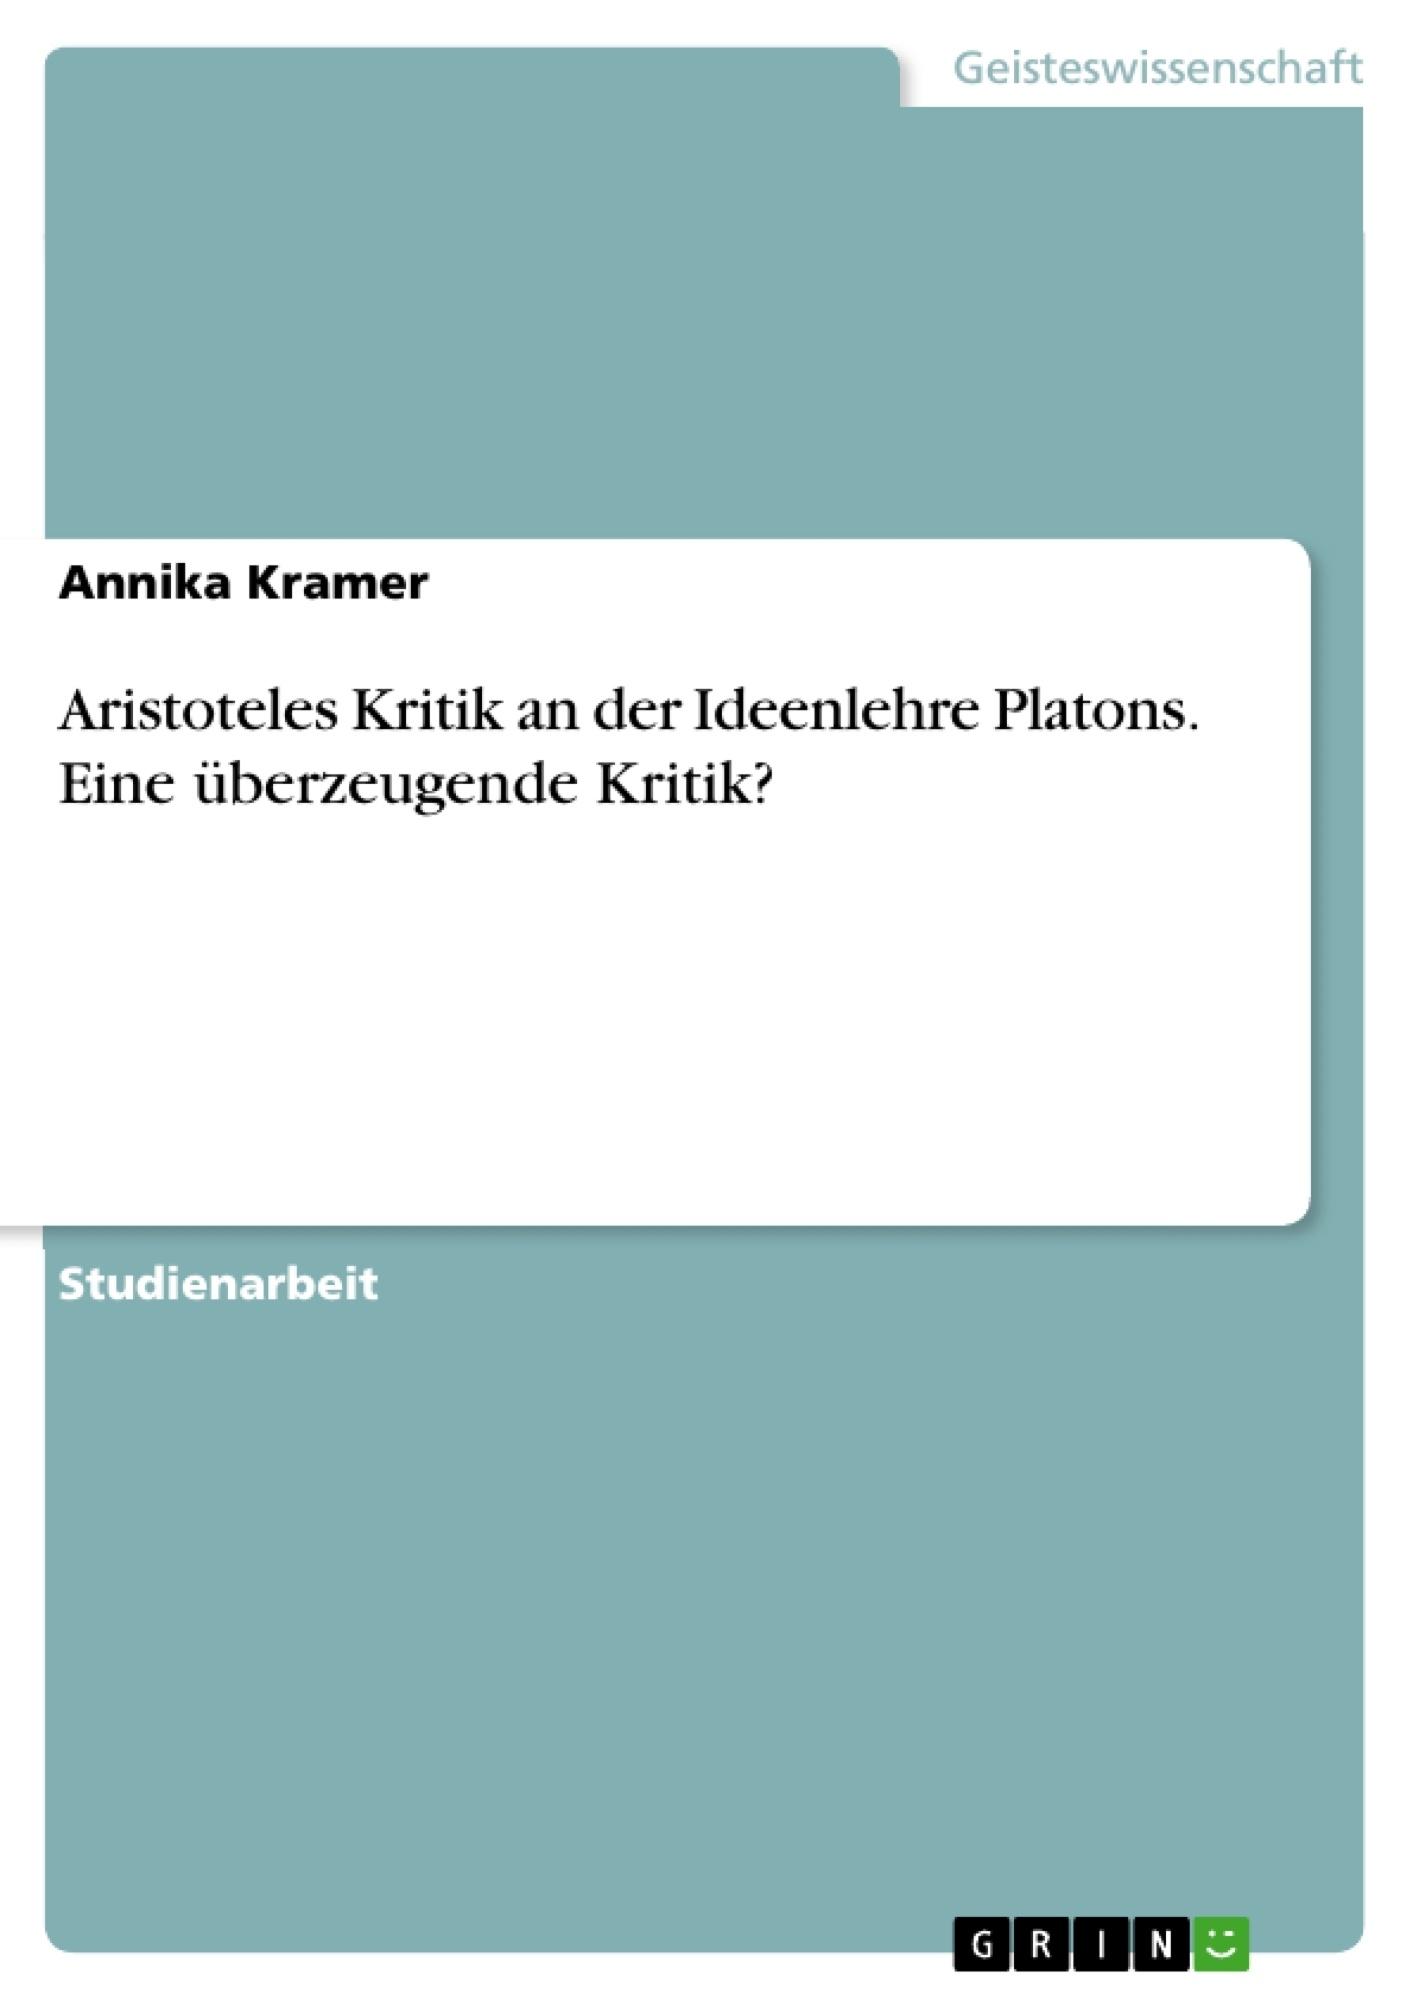 Titel: Aristoteles Kritik an der Ideenlehre Platons. Eine überzeugende Kritik?